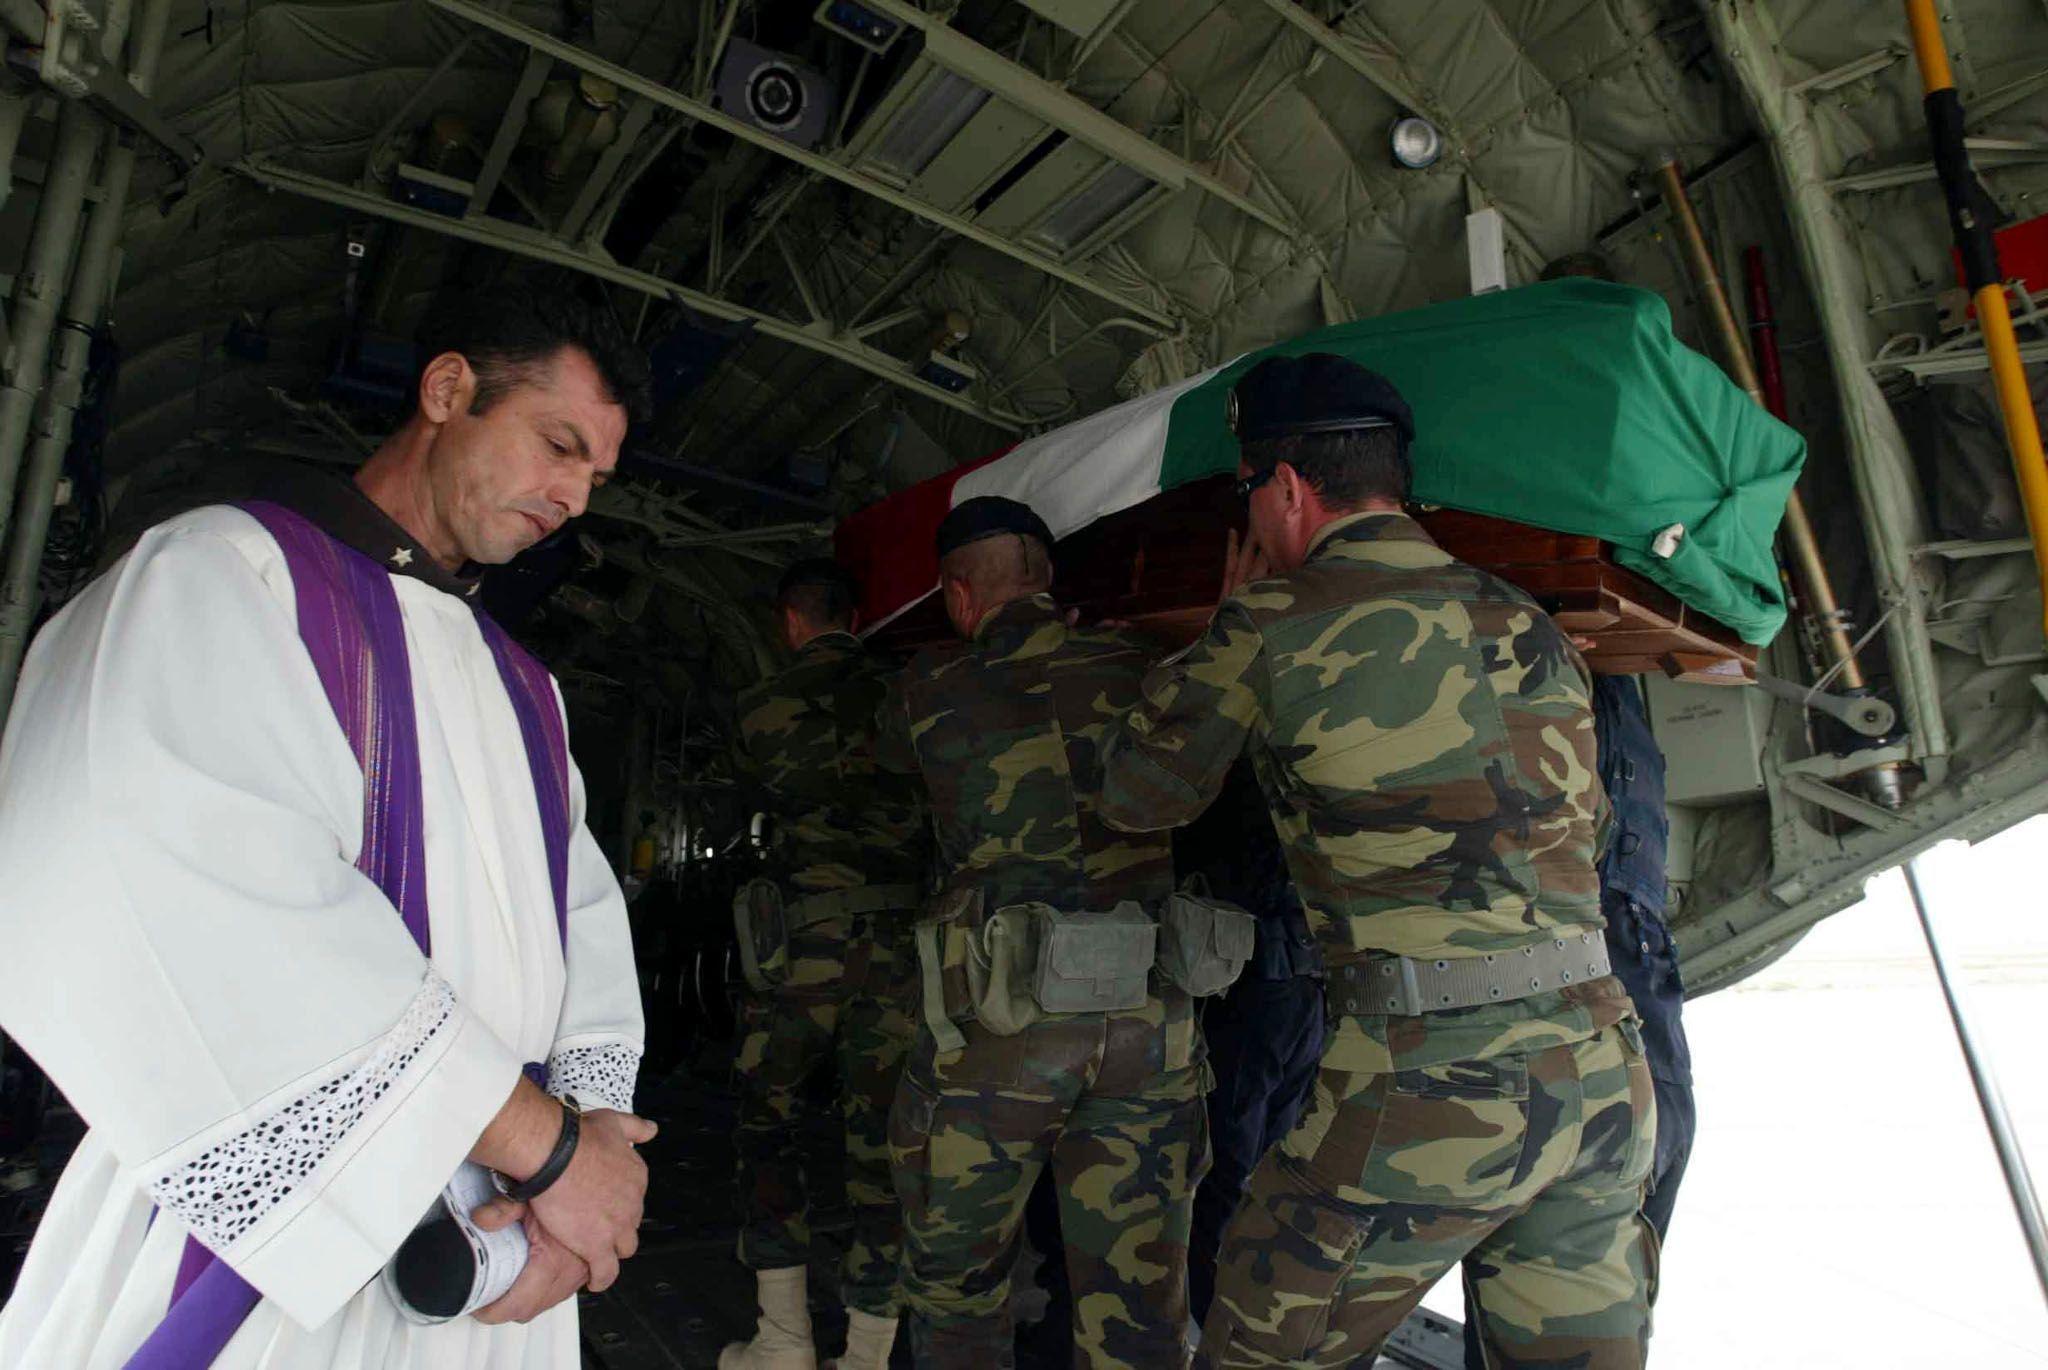 IRAQ: DECOLLA AEREO, LE VITTIME VERSO CASA